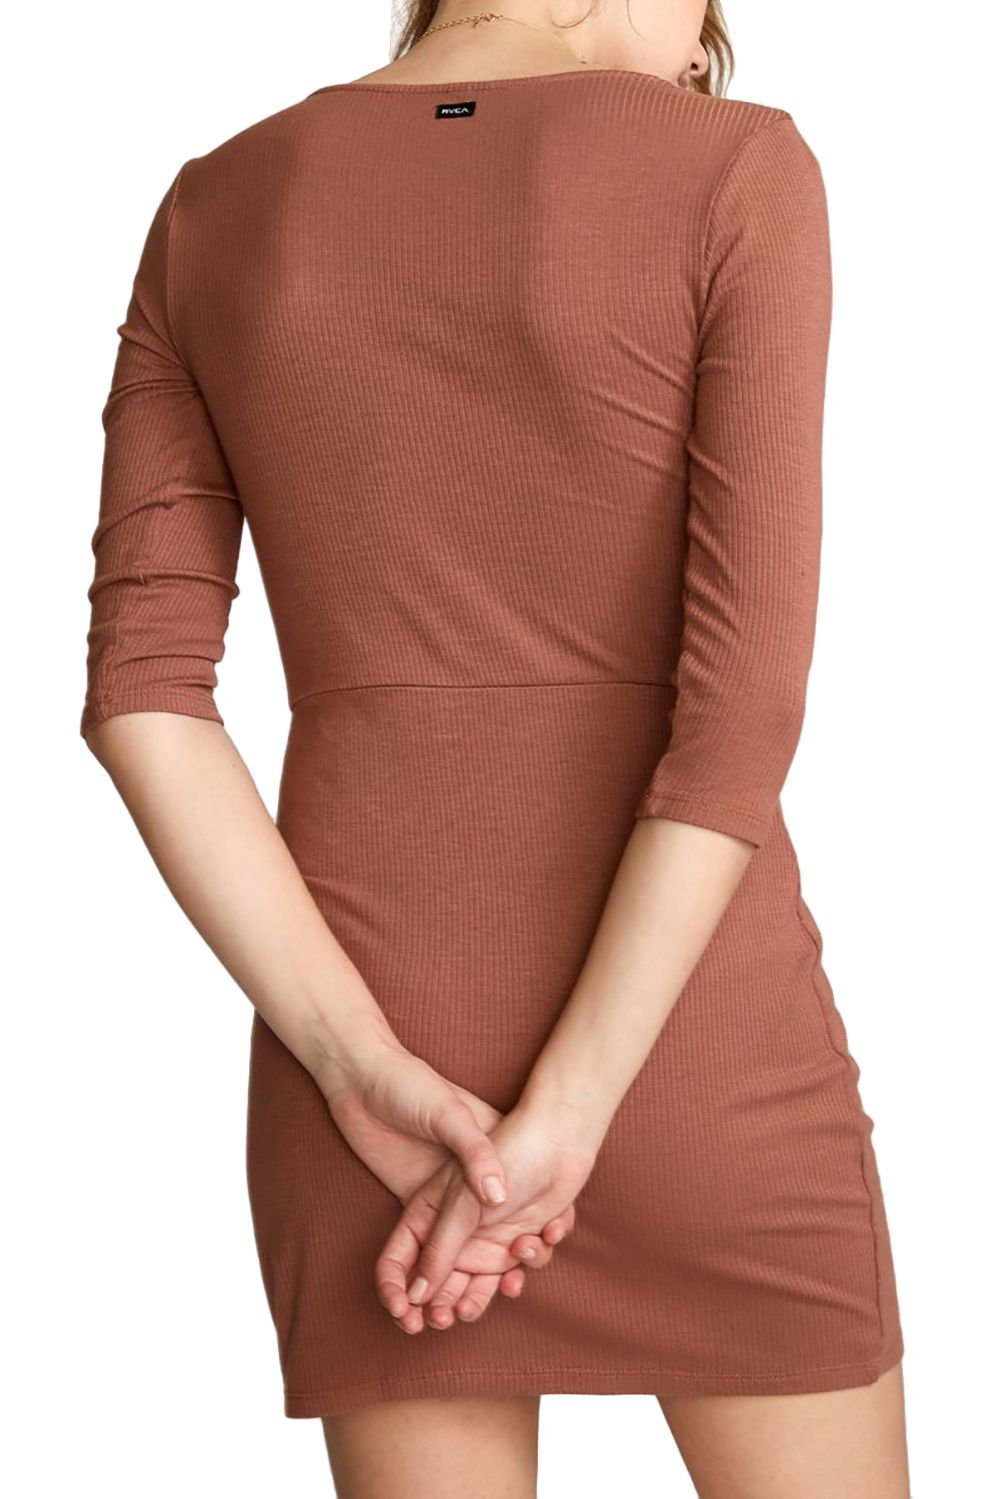 RVCA Dress TWISTER RIB Nutmeg